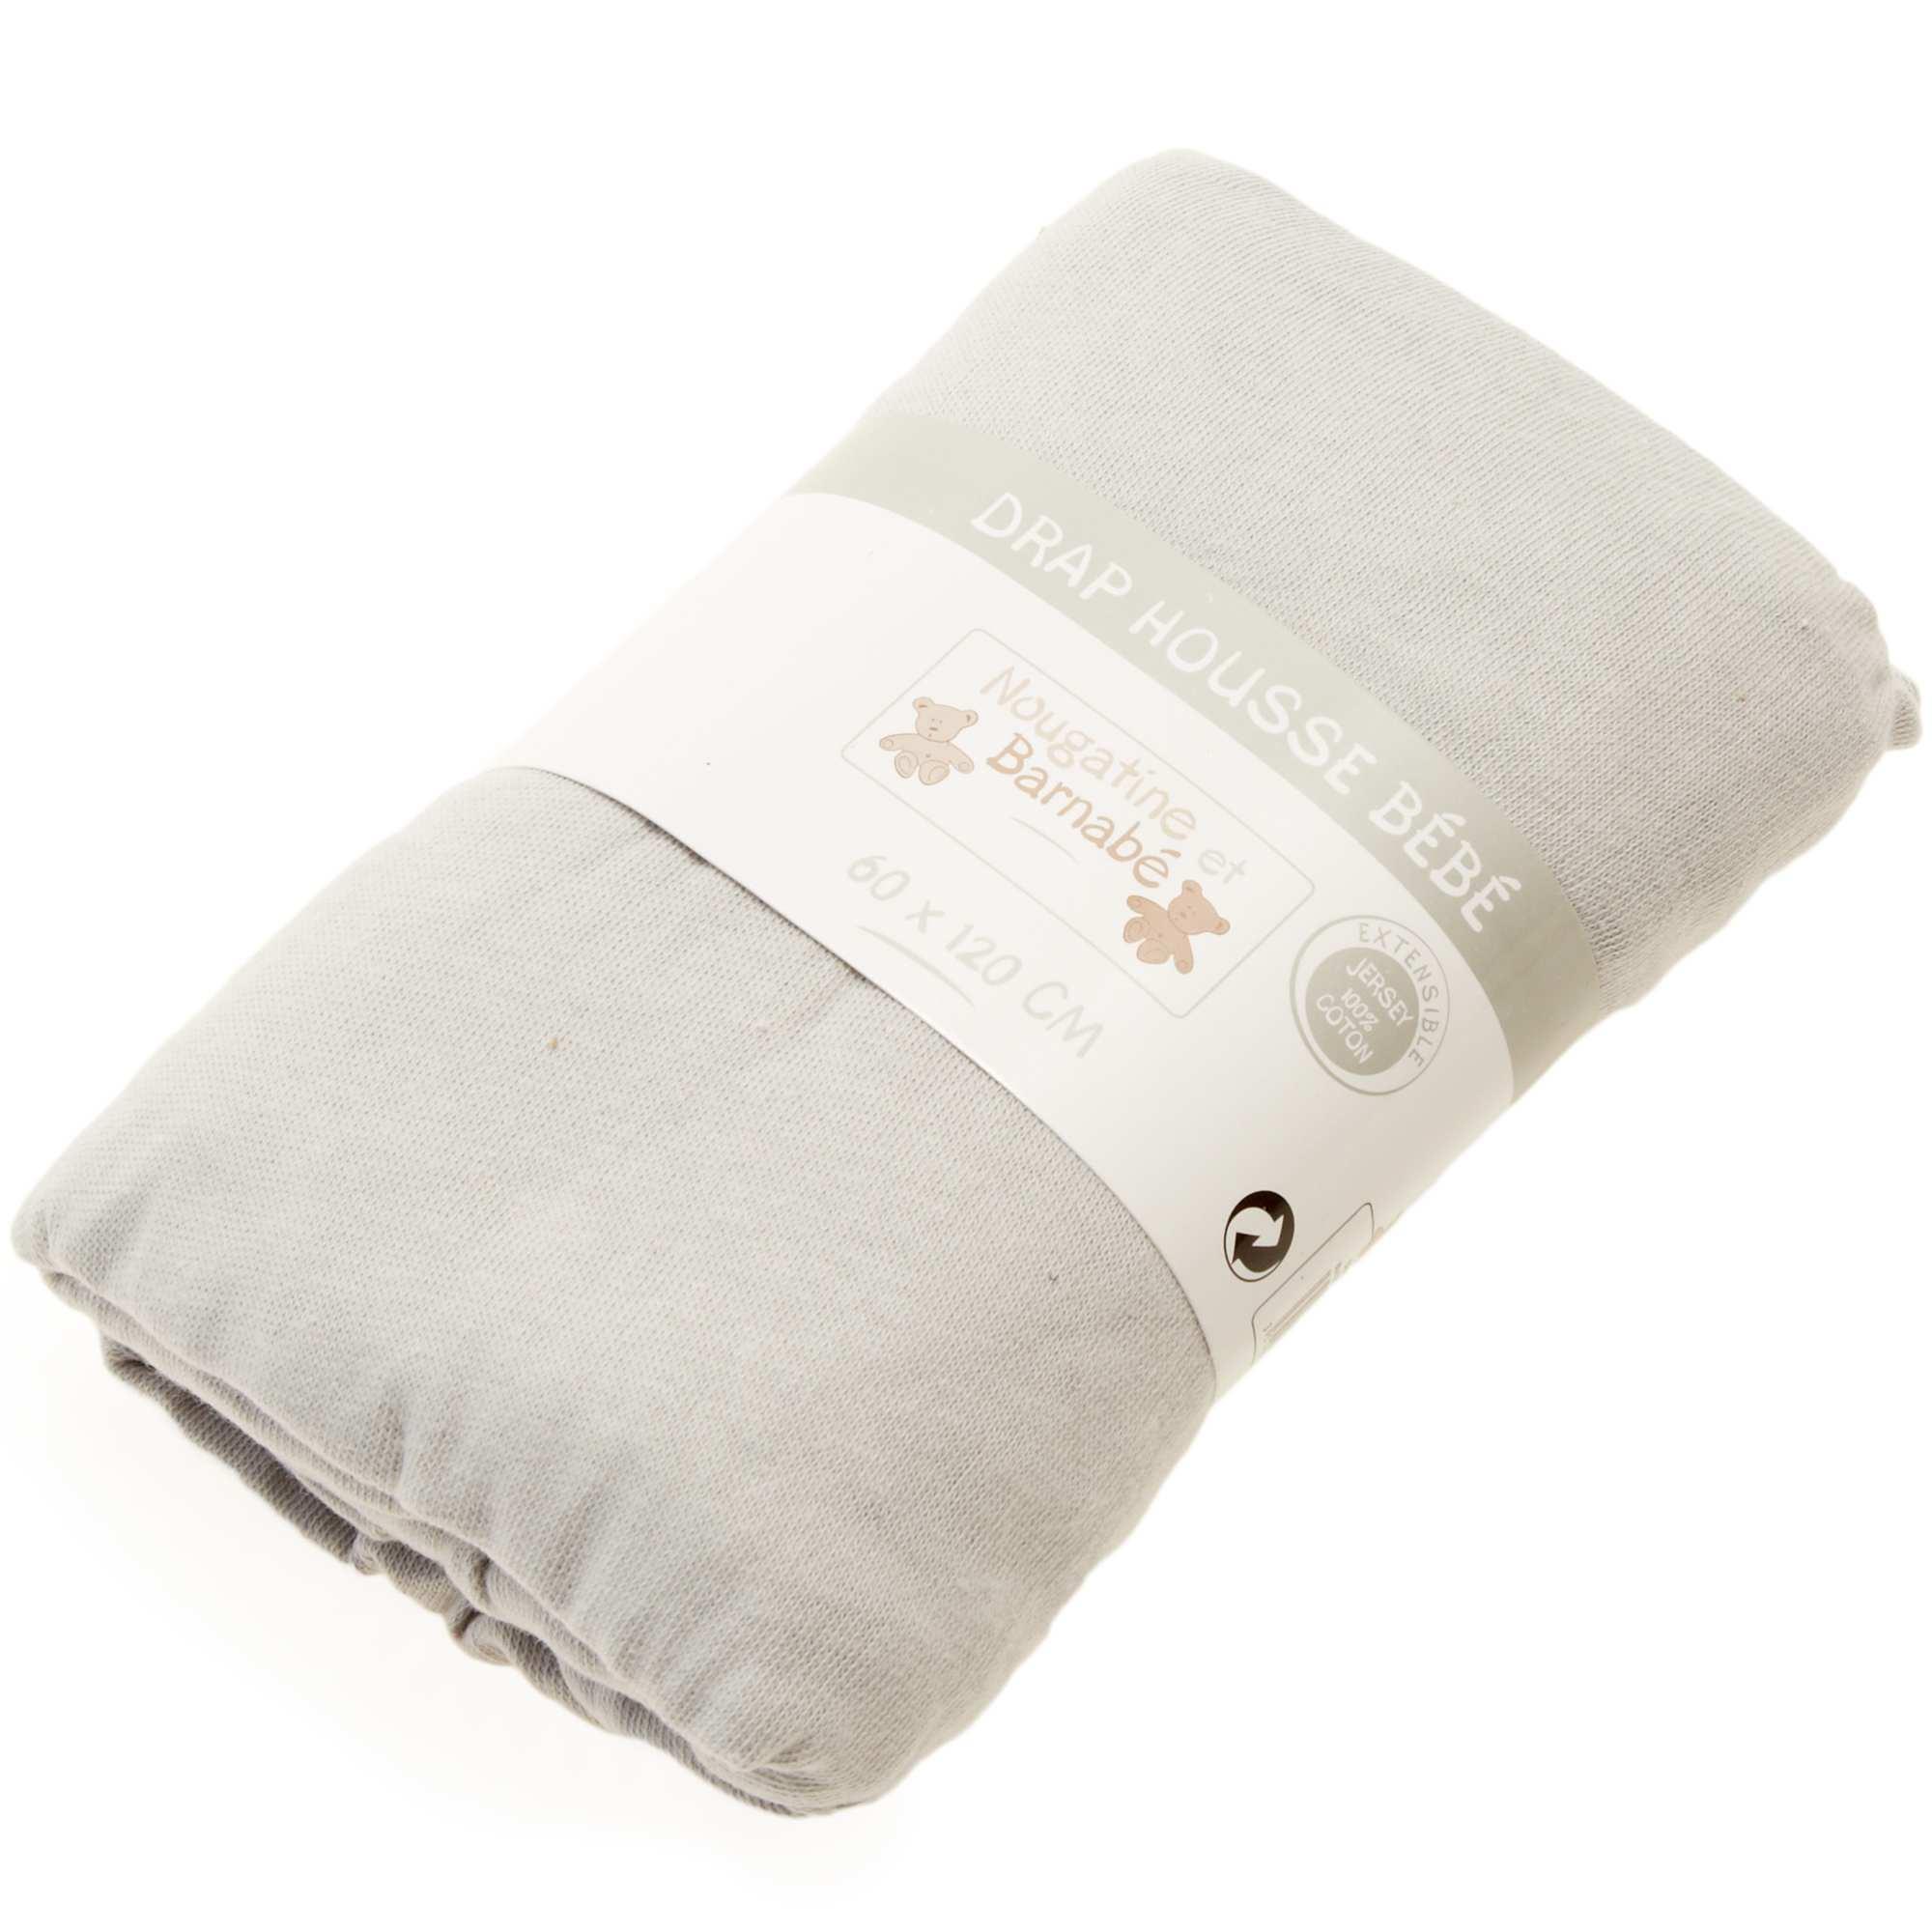 Drap housse uni pour lit bébé Bébé garçon   gris   Kiabi   5,00€